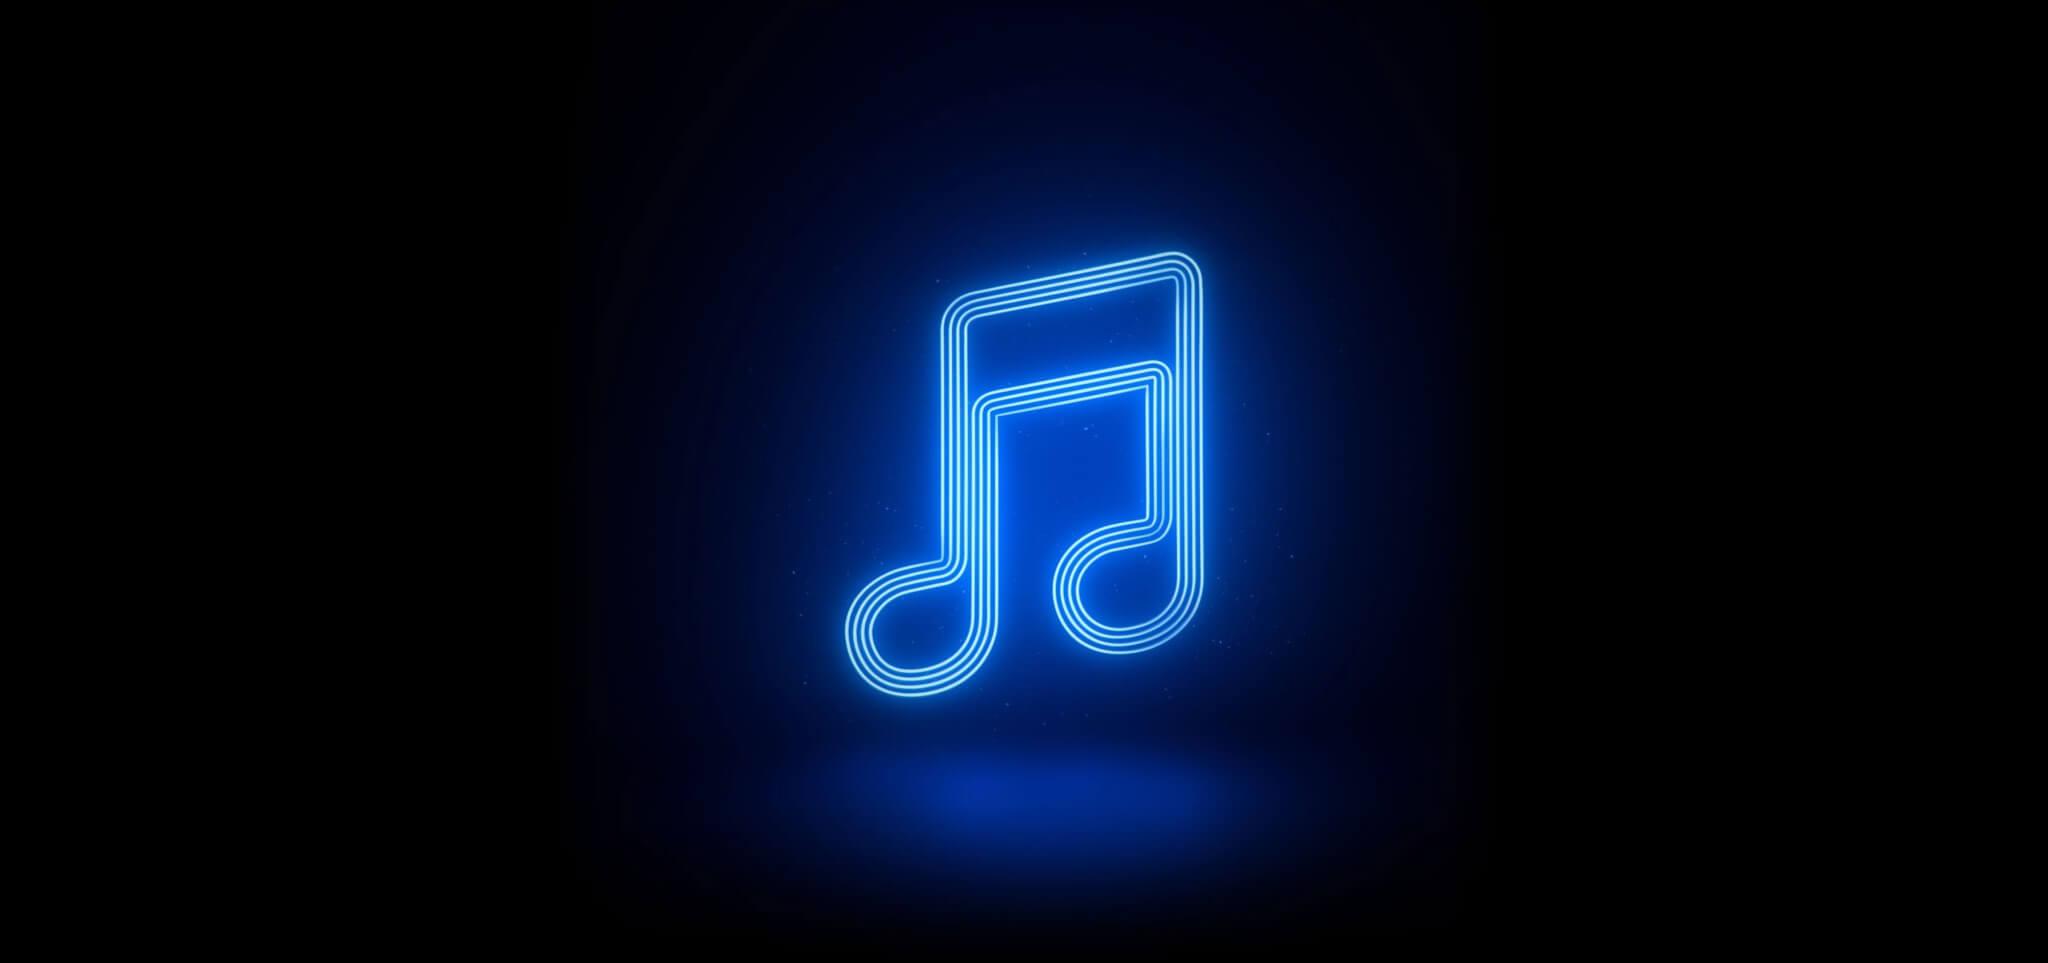 13个找免费免版权背景音乐的网站 - YouTube油管视频营销变现技巧